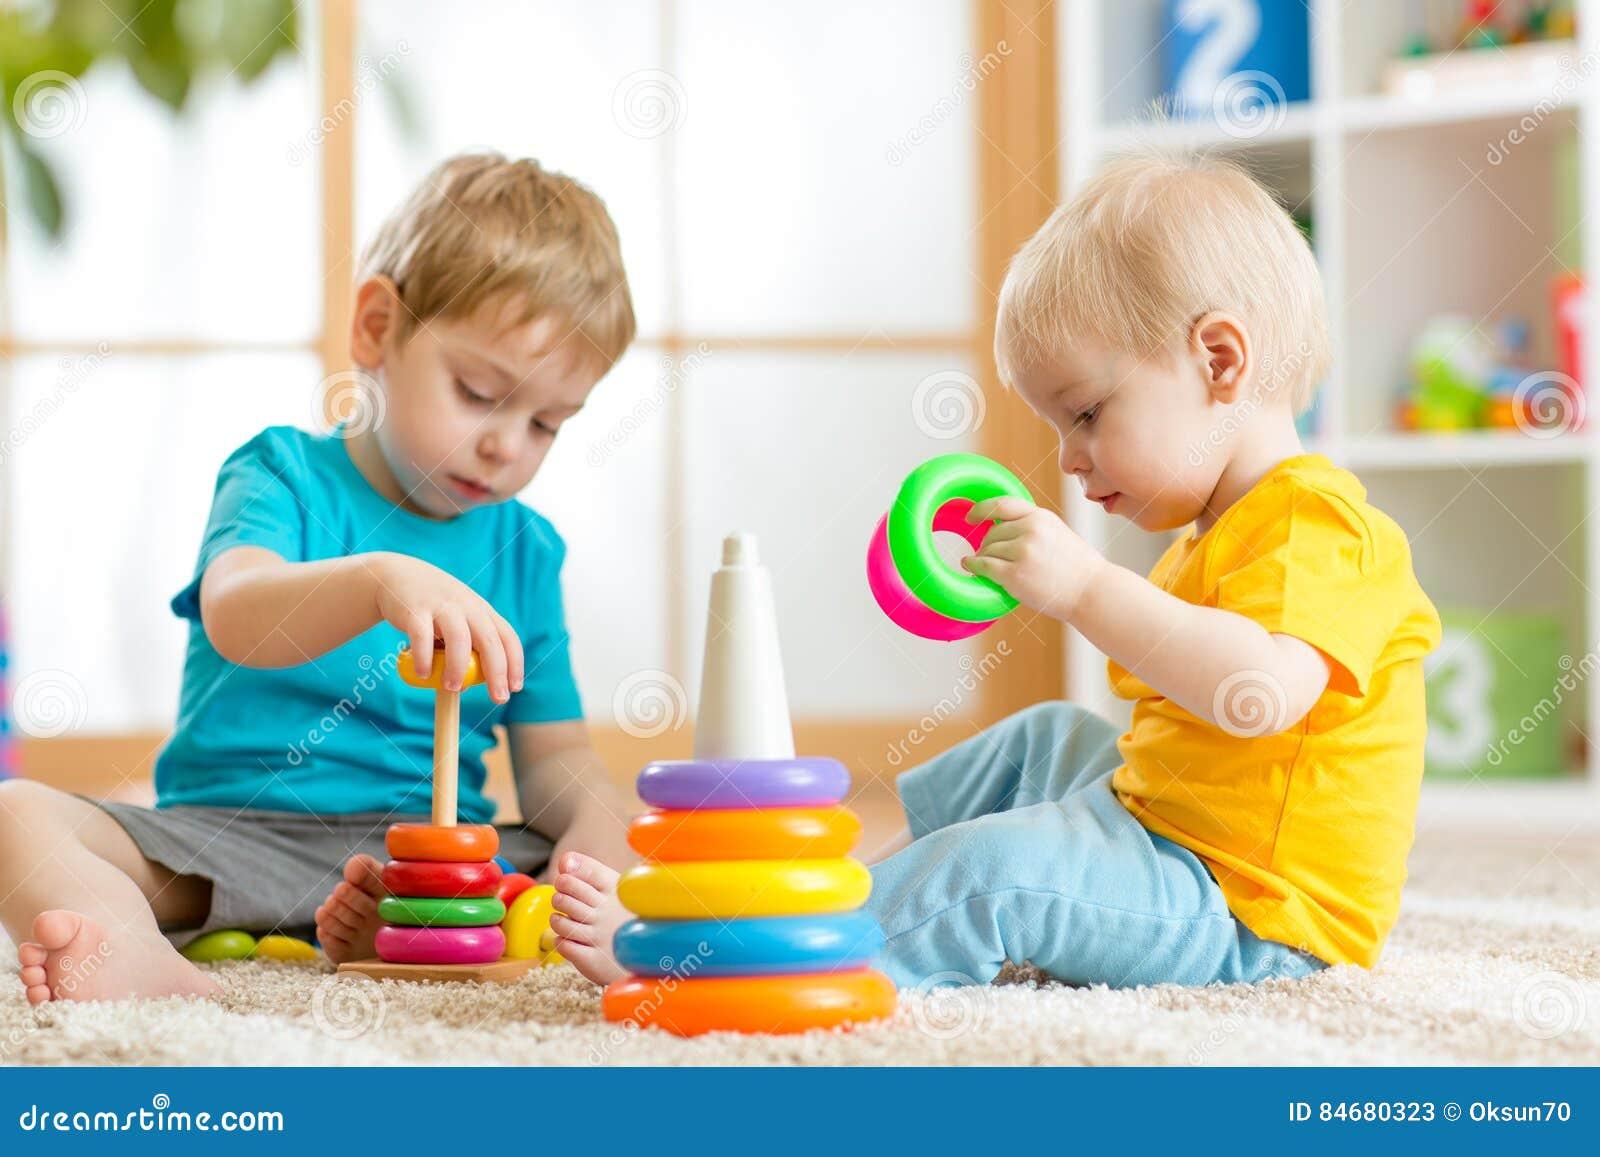 παιδιά που παίζουν από κοι Παιχνίδι παιδιών και μωρών μικρών παιδιών με τους φραγμούς Εκπαιδευτικά παιχνίδια για το προσχολικ